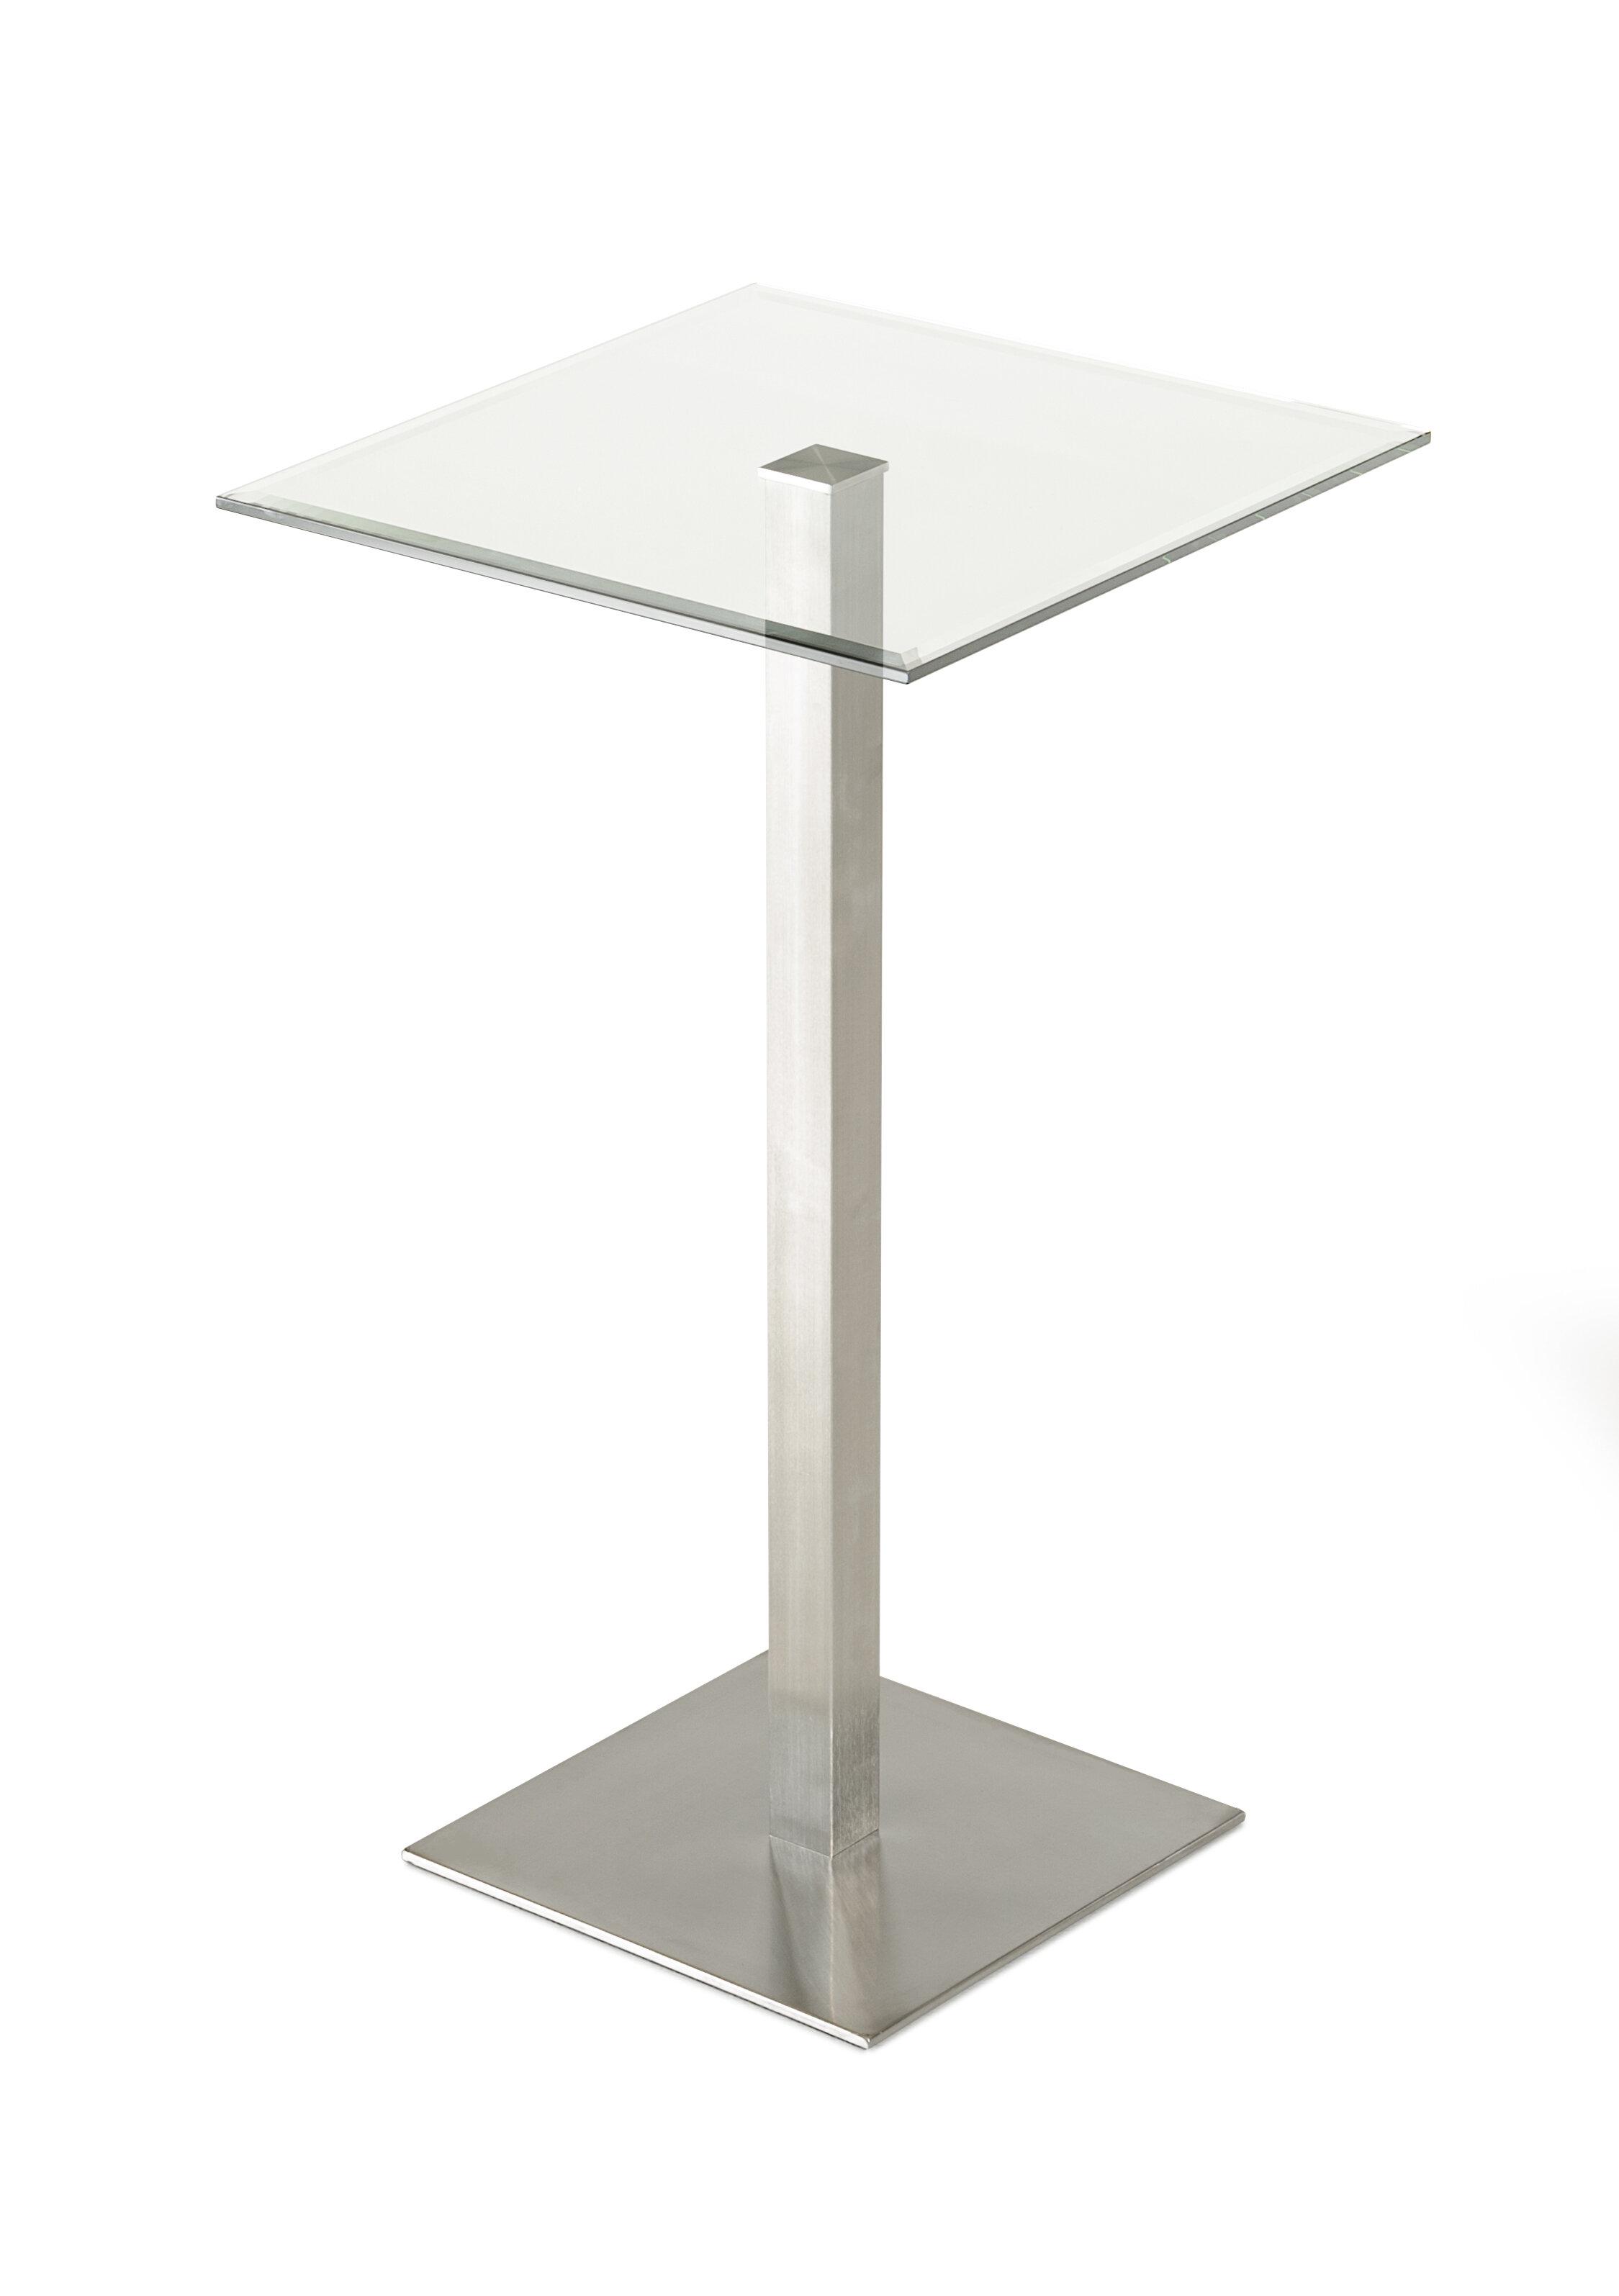 Orren Ellis Clower Square Pub Table Wayfair - Square pedestal pub table